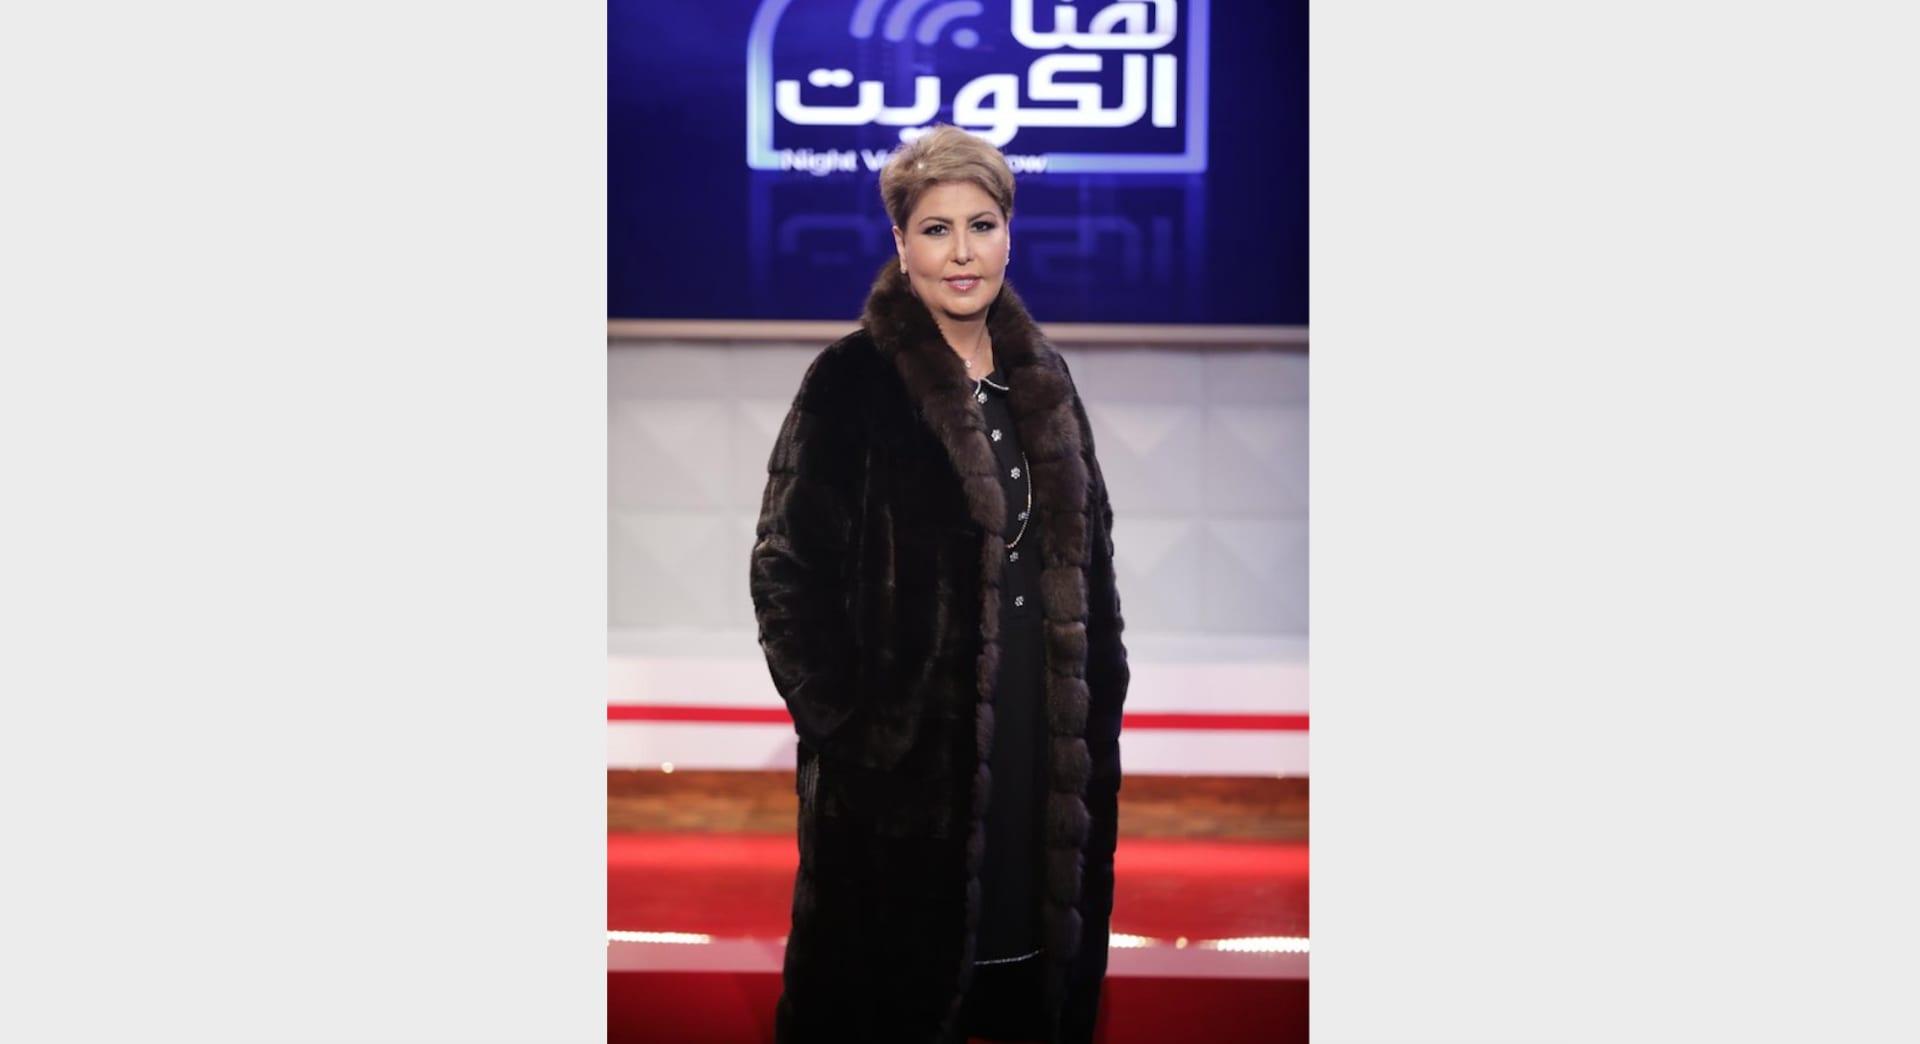 صورة لفجر السعيد أثناء تقديم برنامجها هنا الكويت